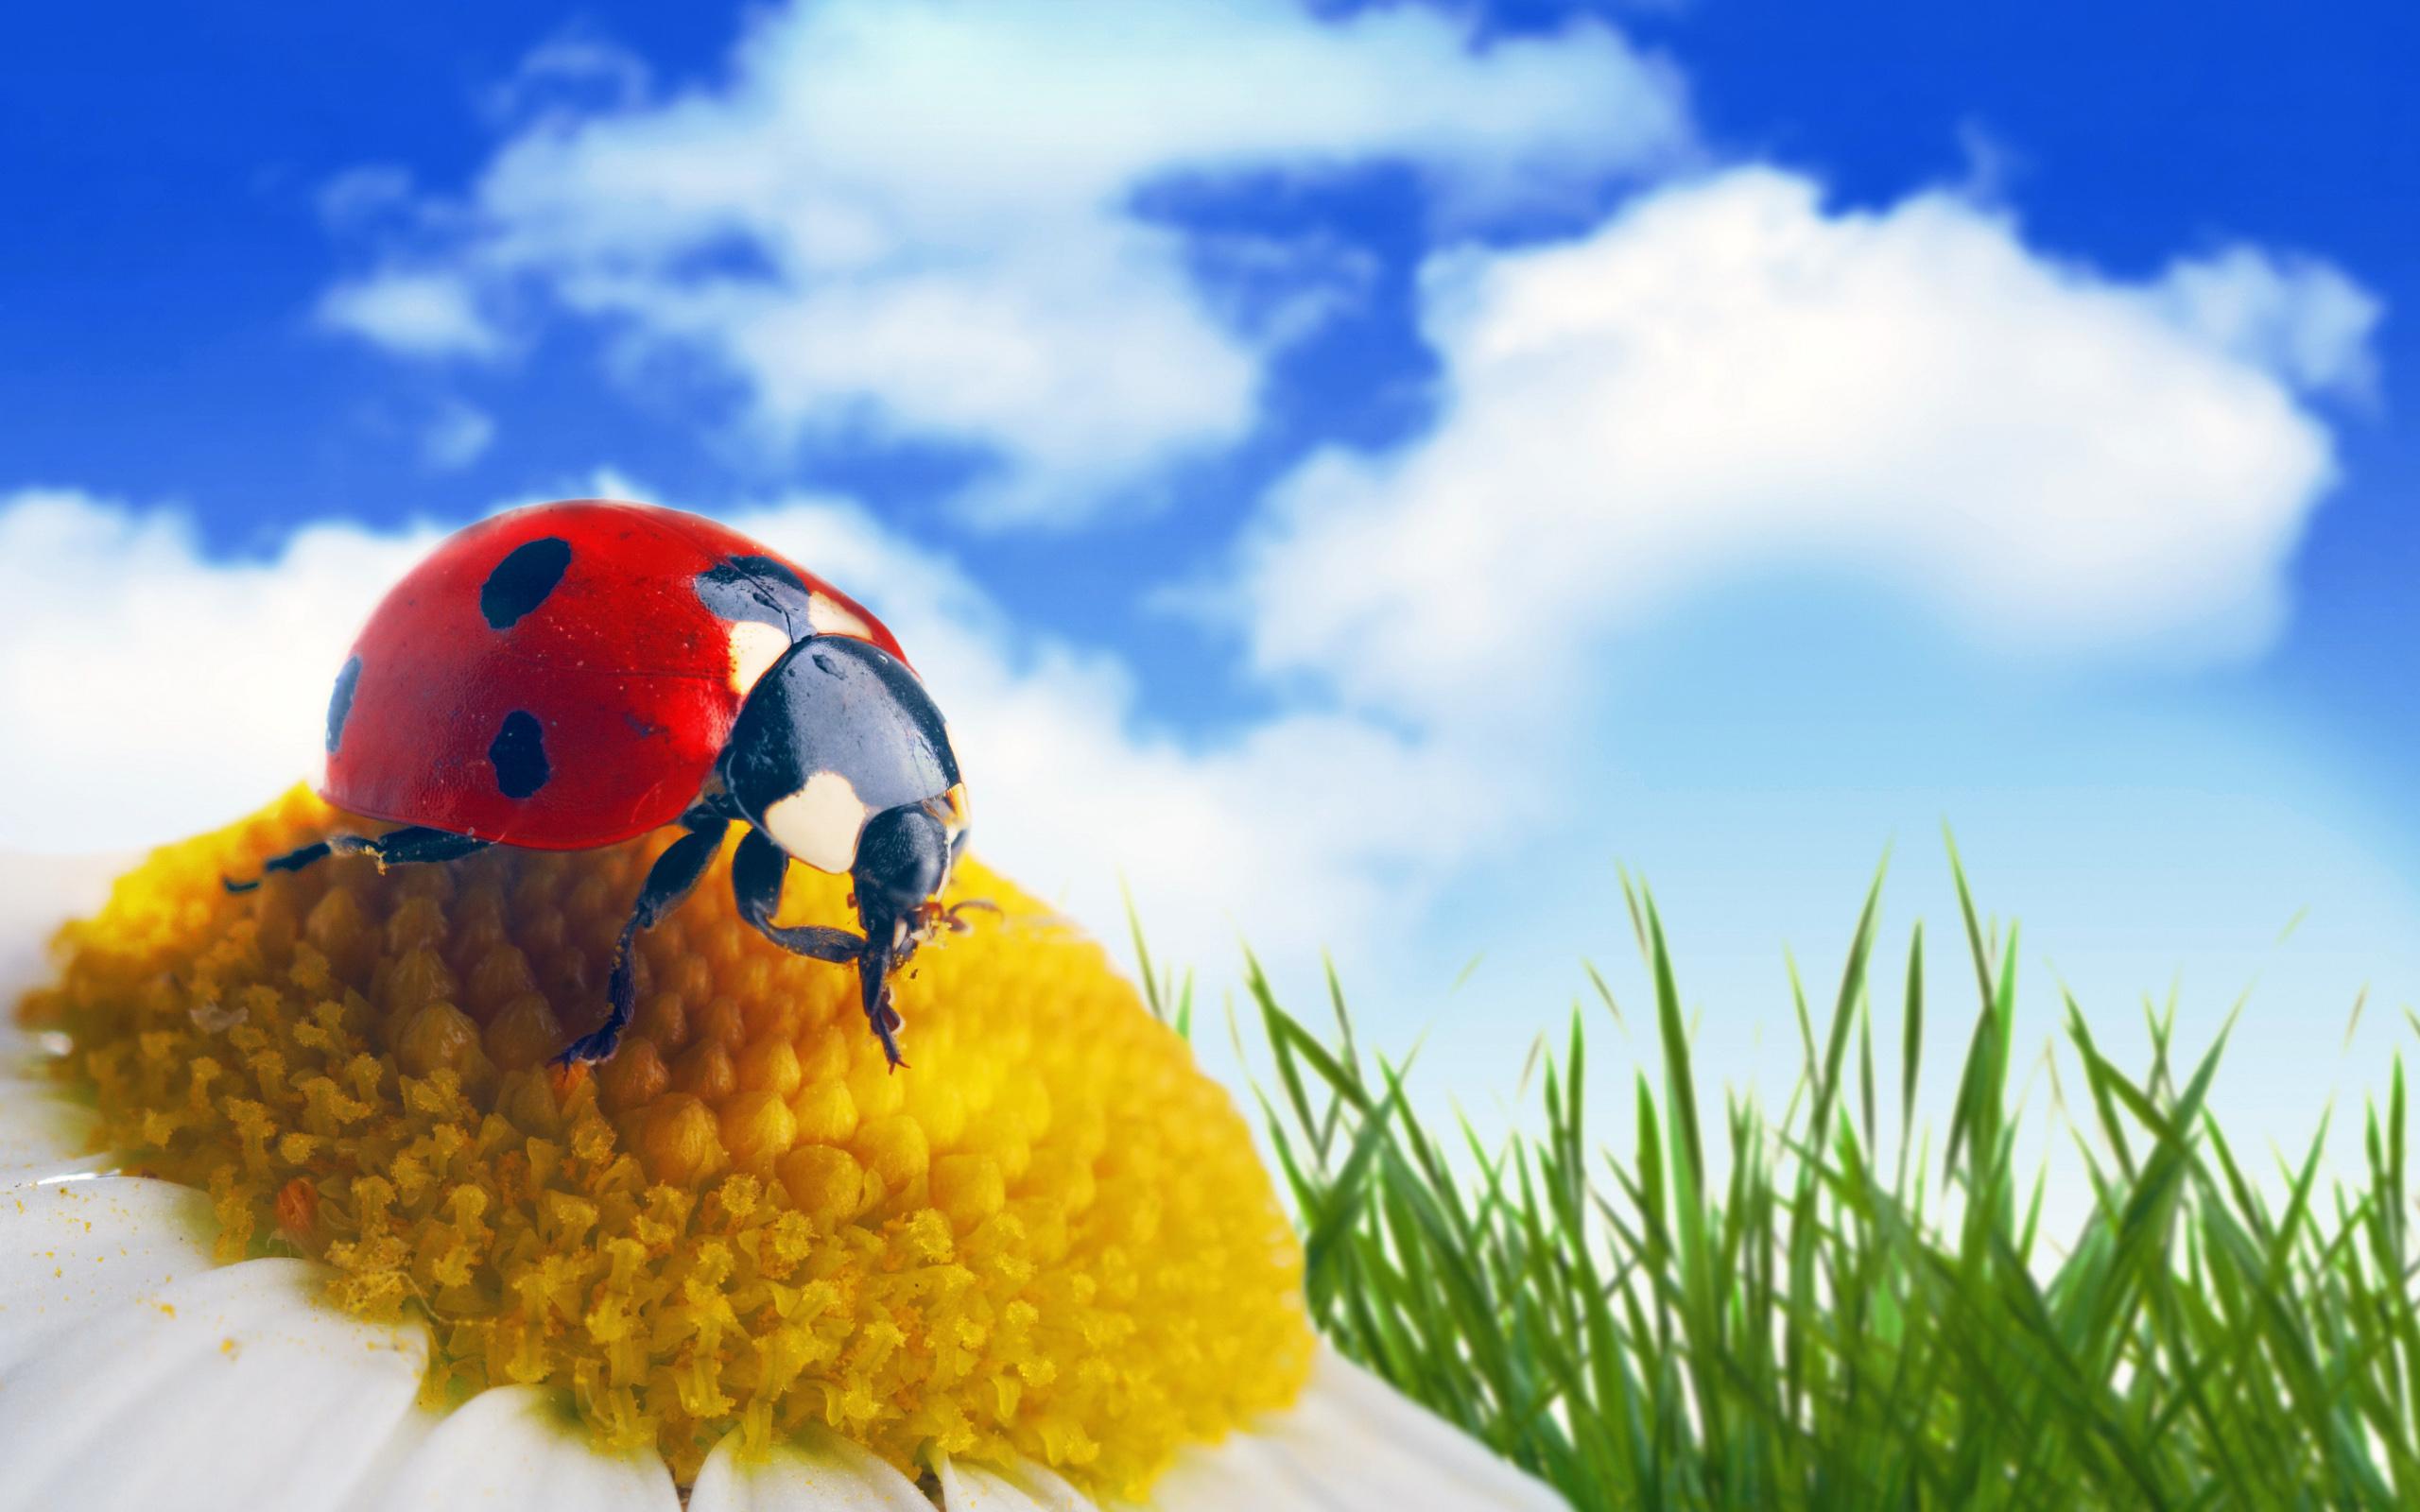 Божья коровка, комахи картинки скачать, насекомое жук обои, 2560 на 1600 пикселей